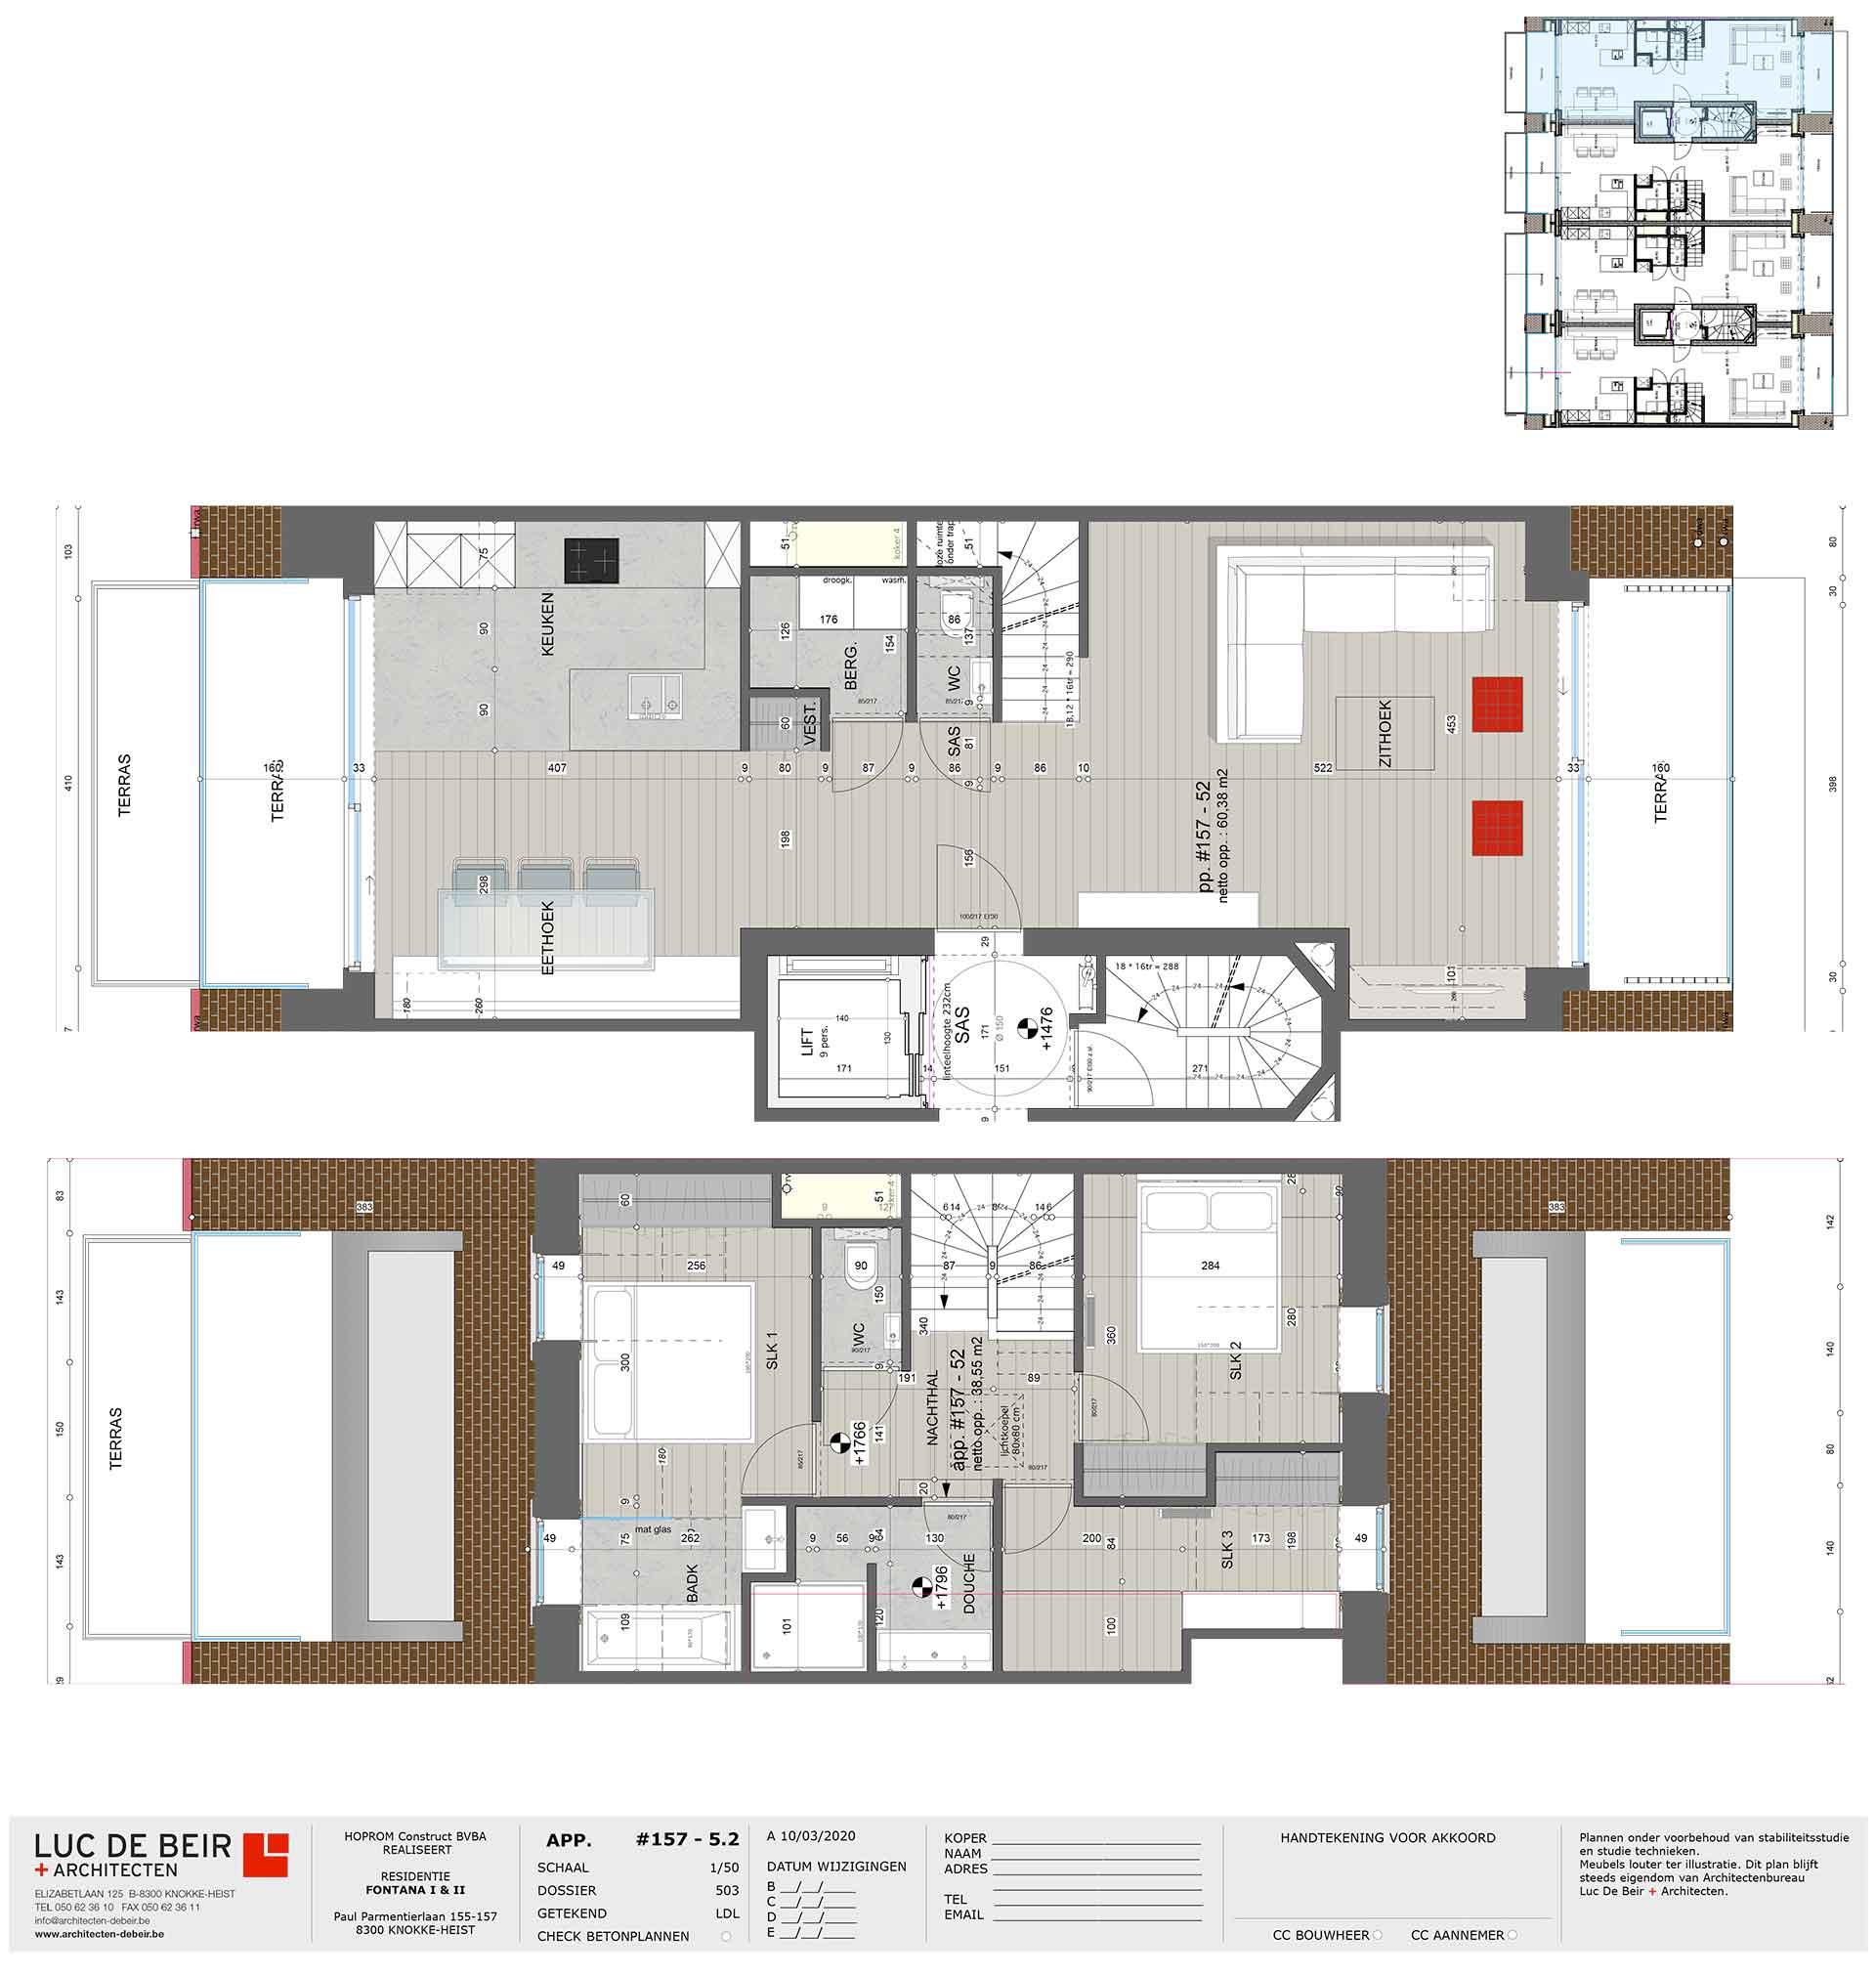 Residentie <br/> Fontana - image residentie-fontana-appartement-te-koop-knokke-plannen-157-52-2-1 on https://hoprom.be